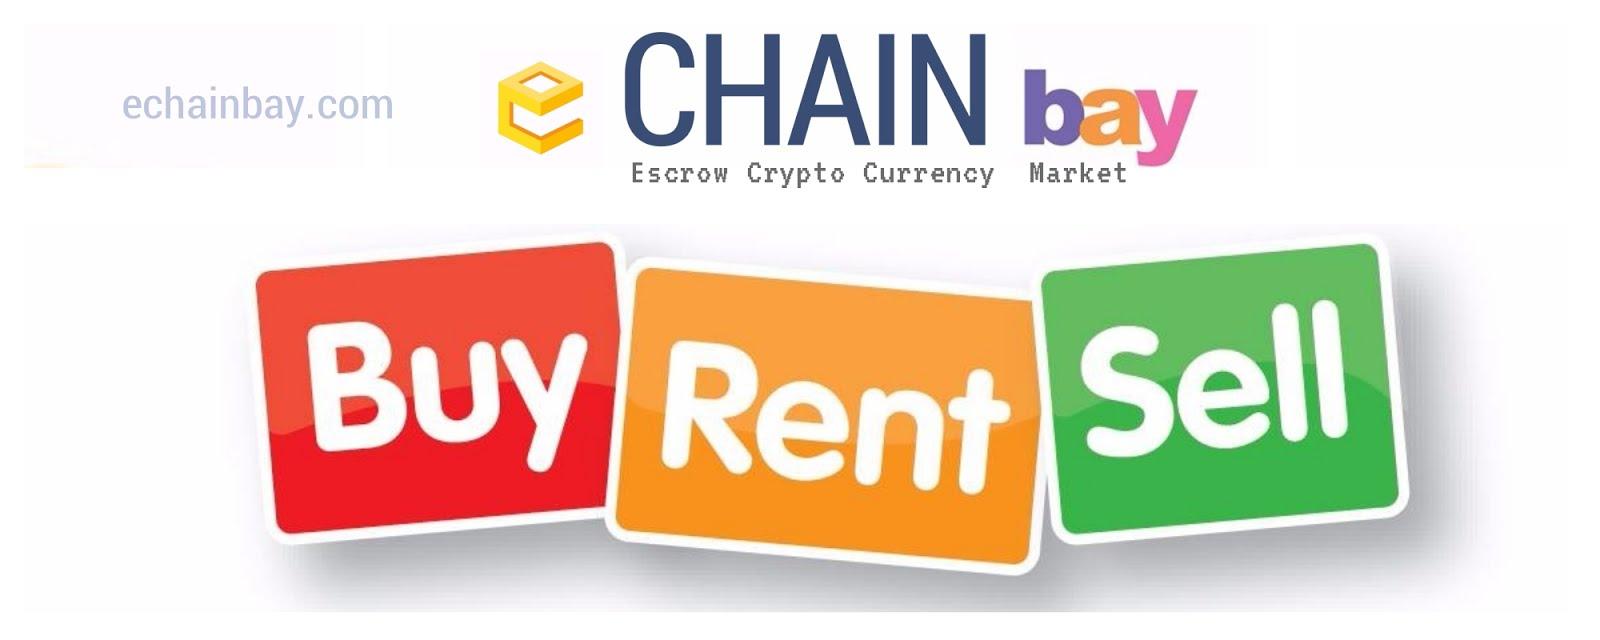 e CHAIN bay Escrow Crypto Market